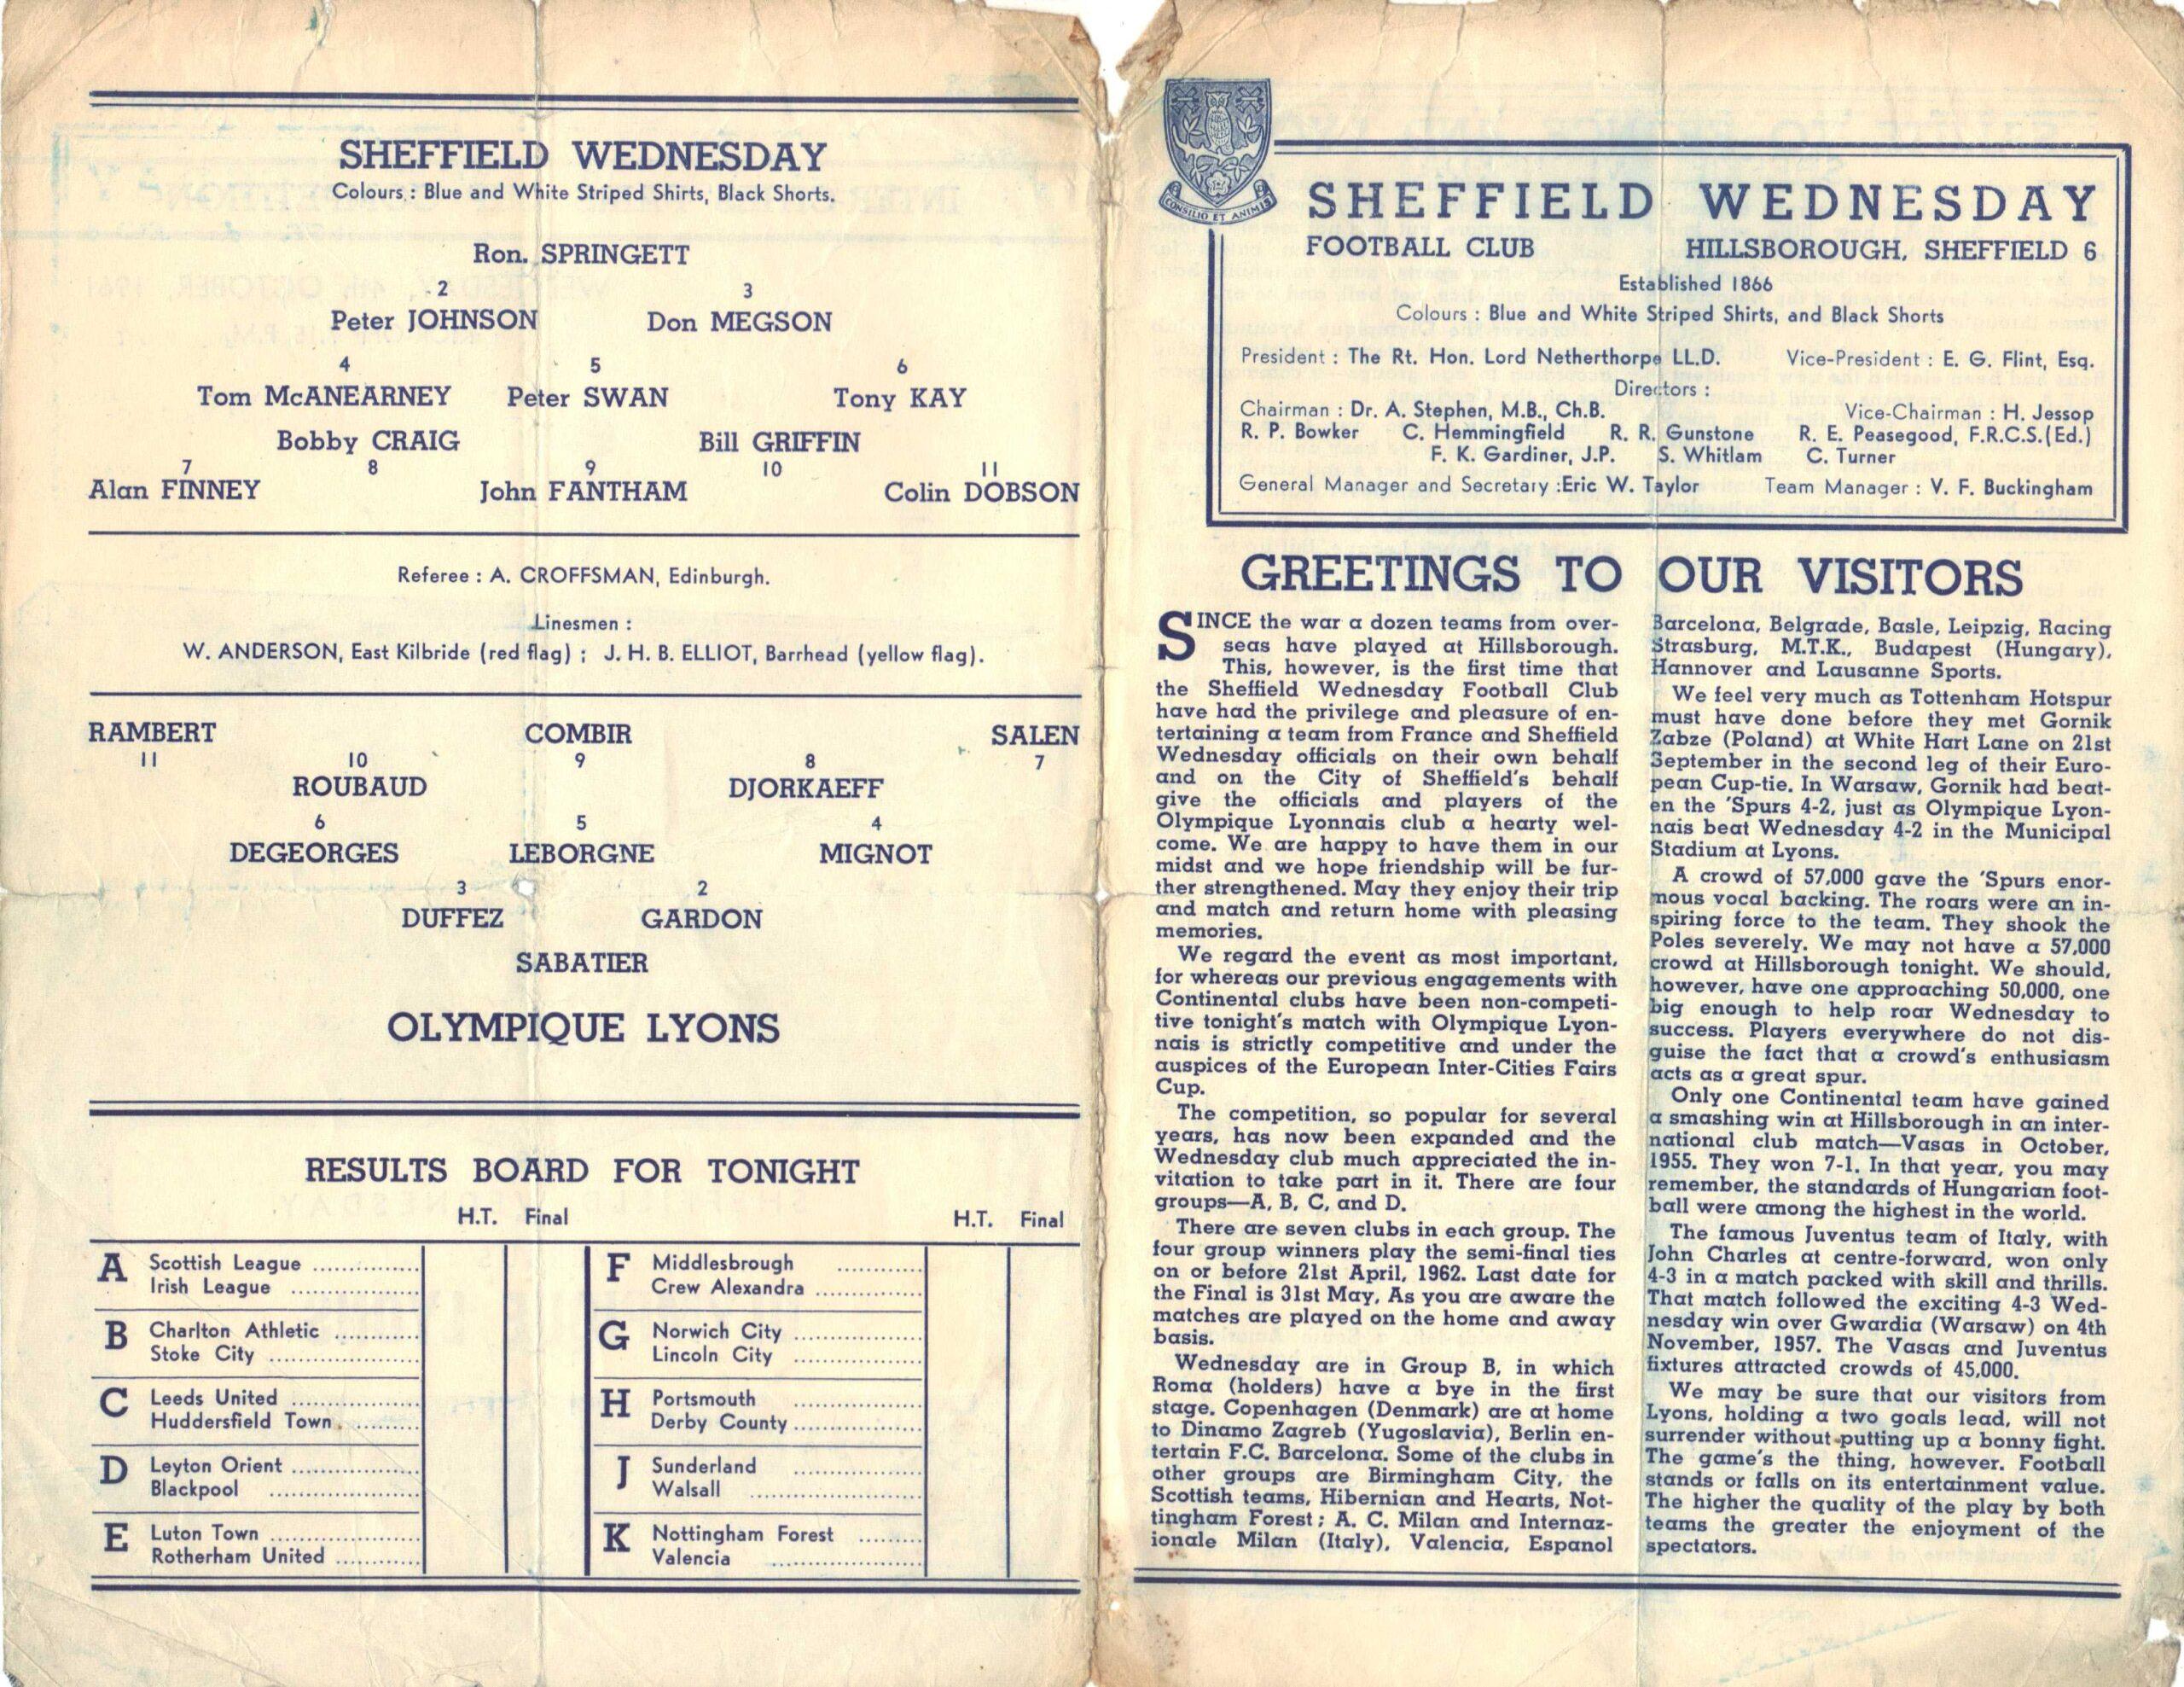 Sheffield Wednesday v Lyon teams page in match programme